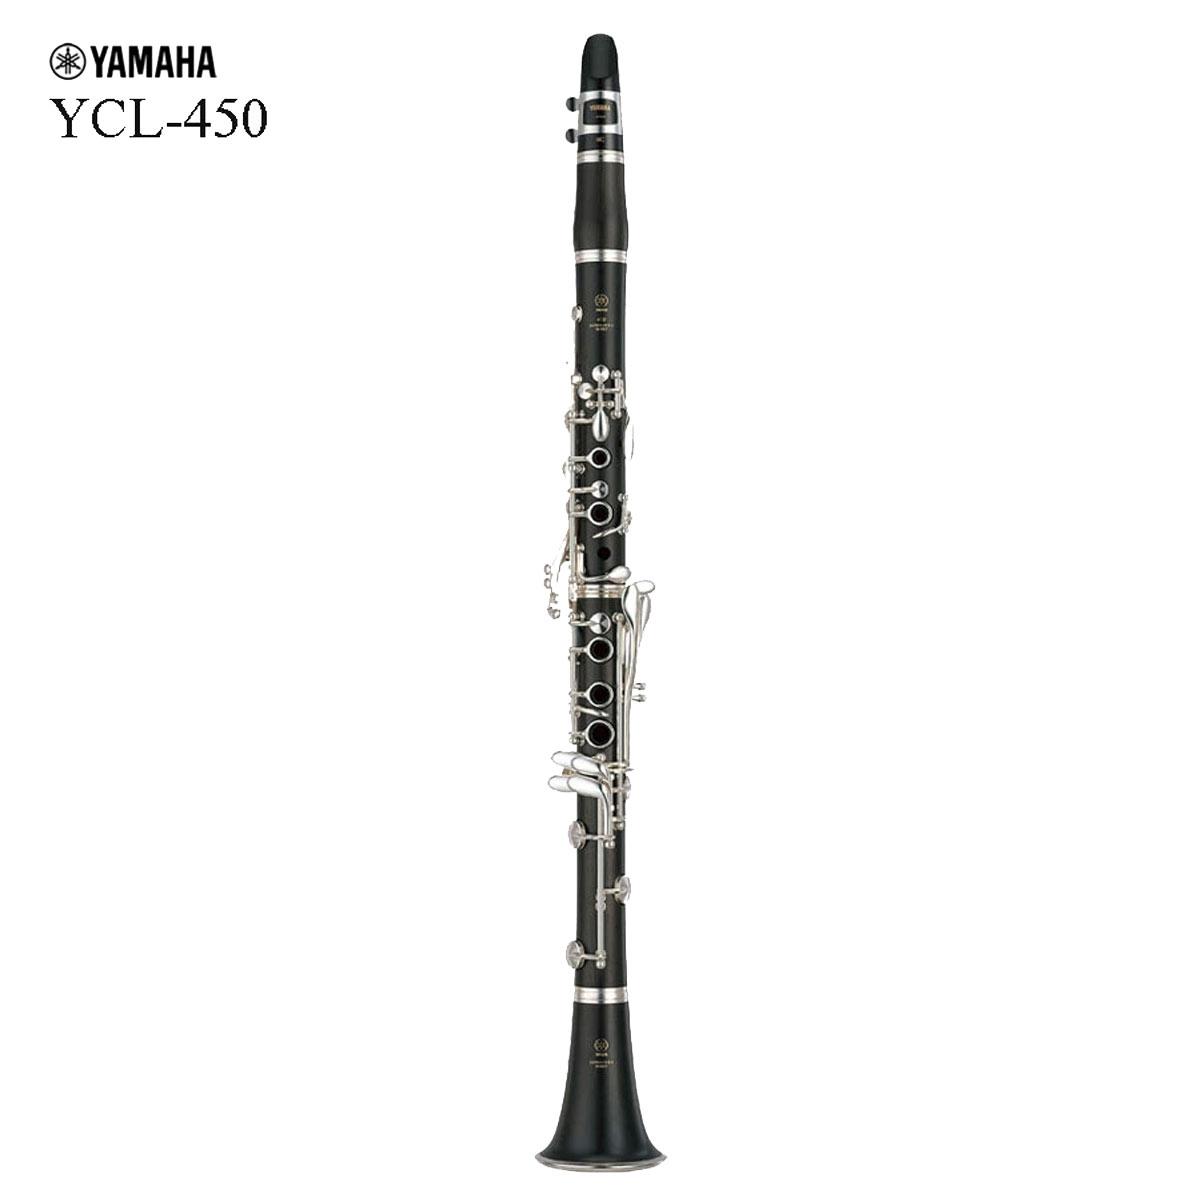 YAMAHA / ヤマハ スタンダードクラリネットYCL-450 (YCL-450-4) B♭Clarinet【5年保証】